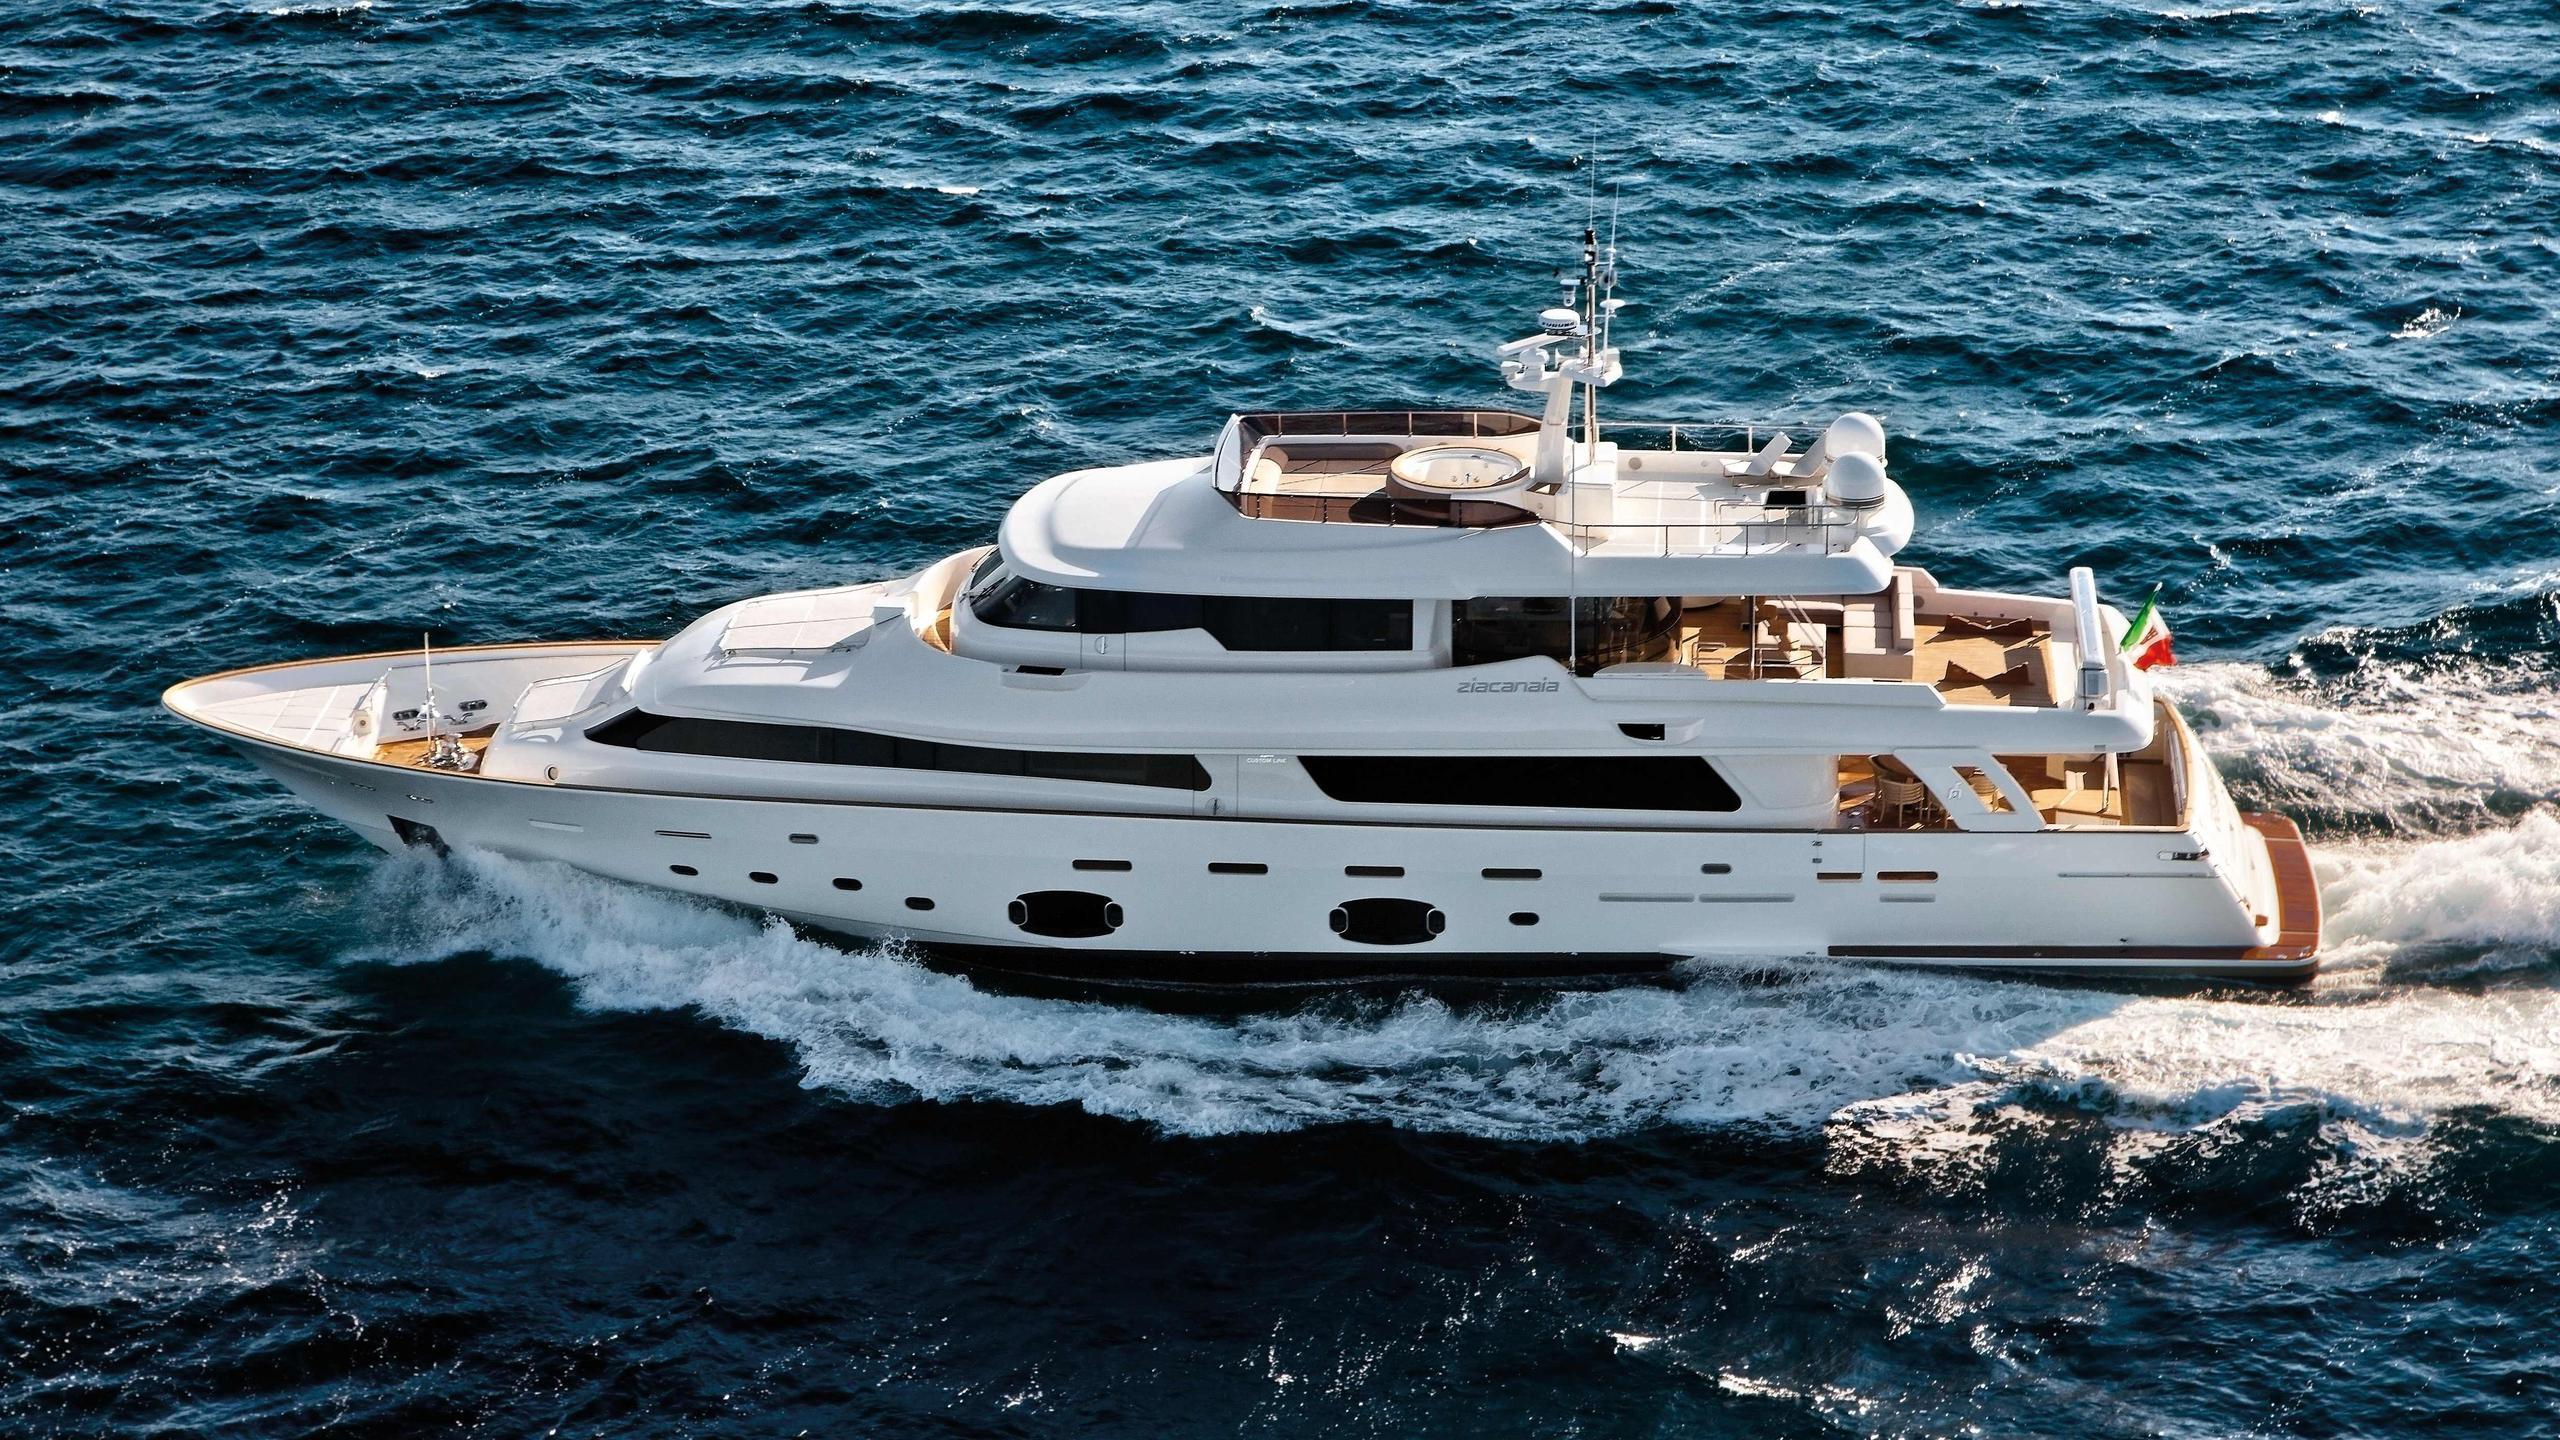 d-artiste-motor-yacht-ferretti-custom-line-navetta-33-c-2013-32m-cruising